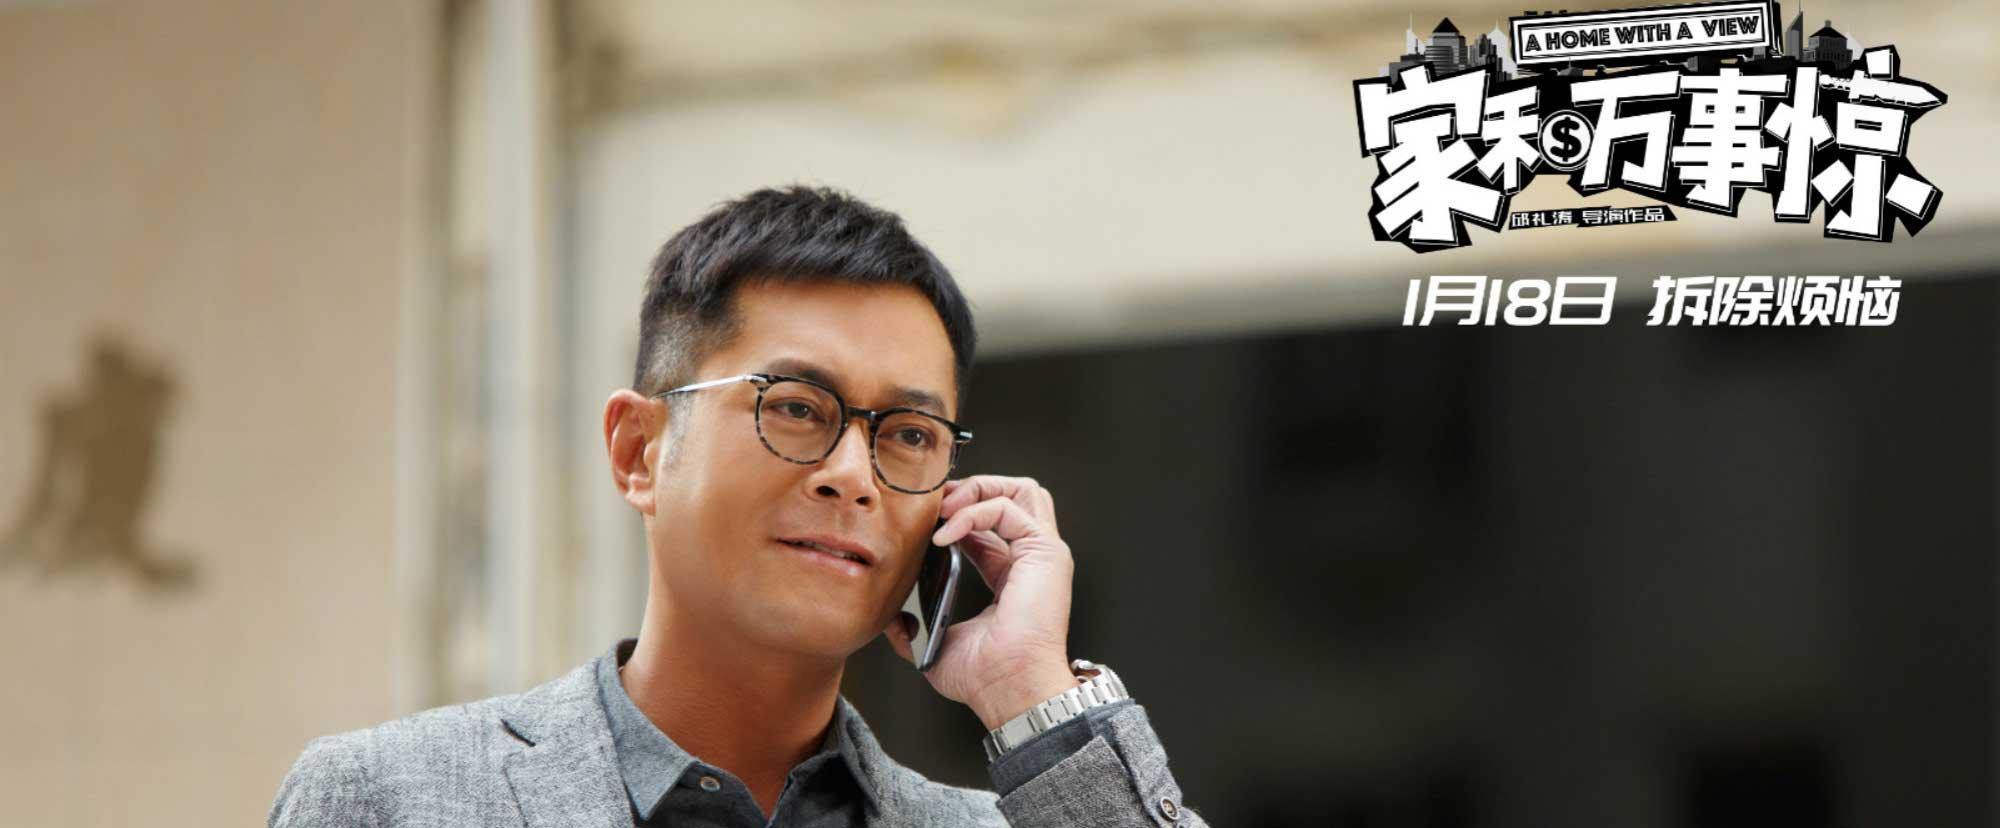 《家和万事惊》全新剧照 吴镇宇袁咏仪再演夫妻默契十足